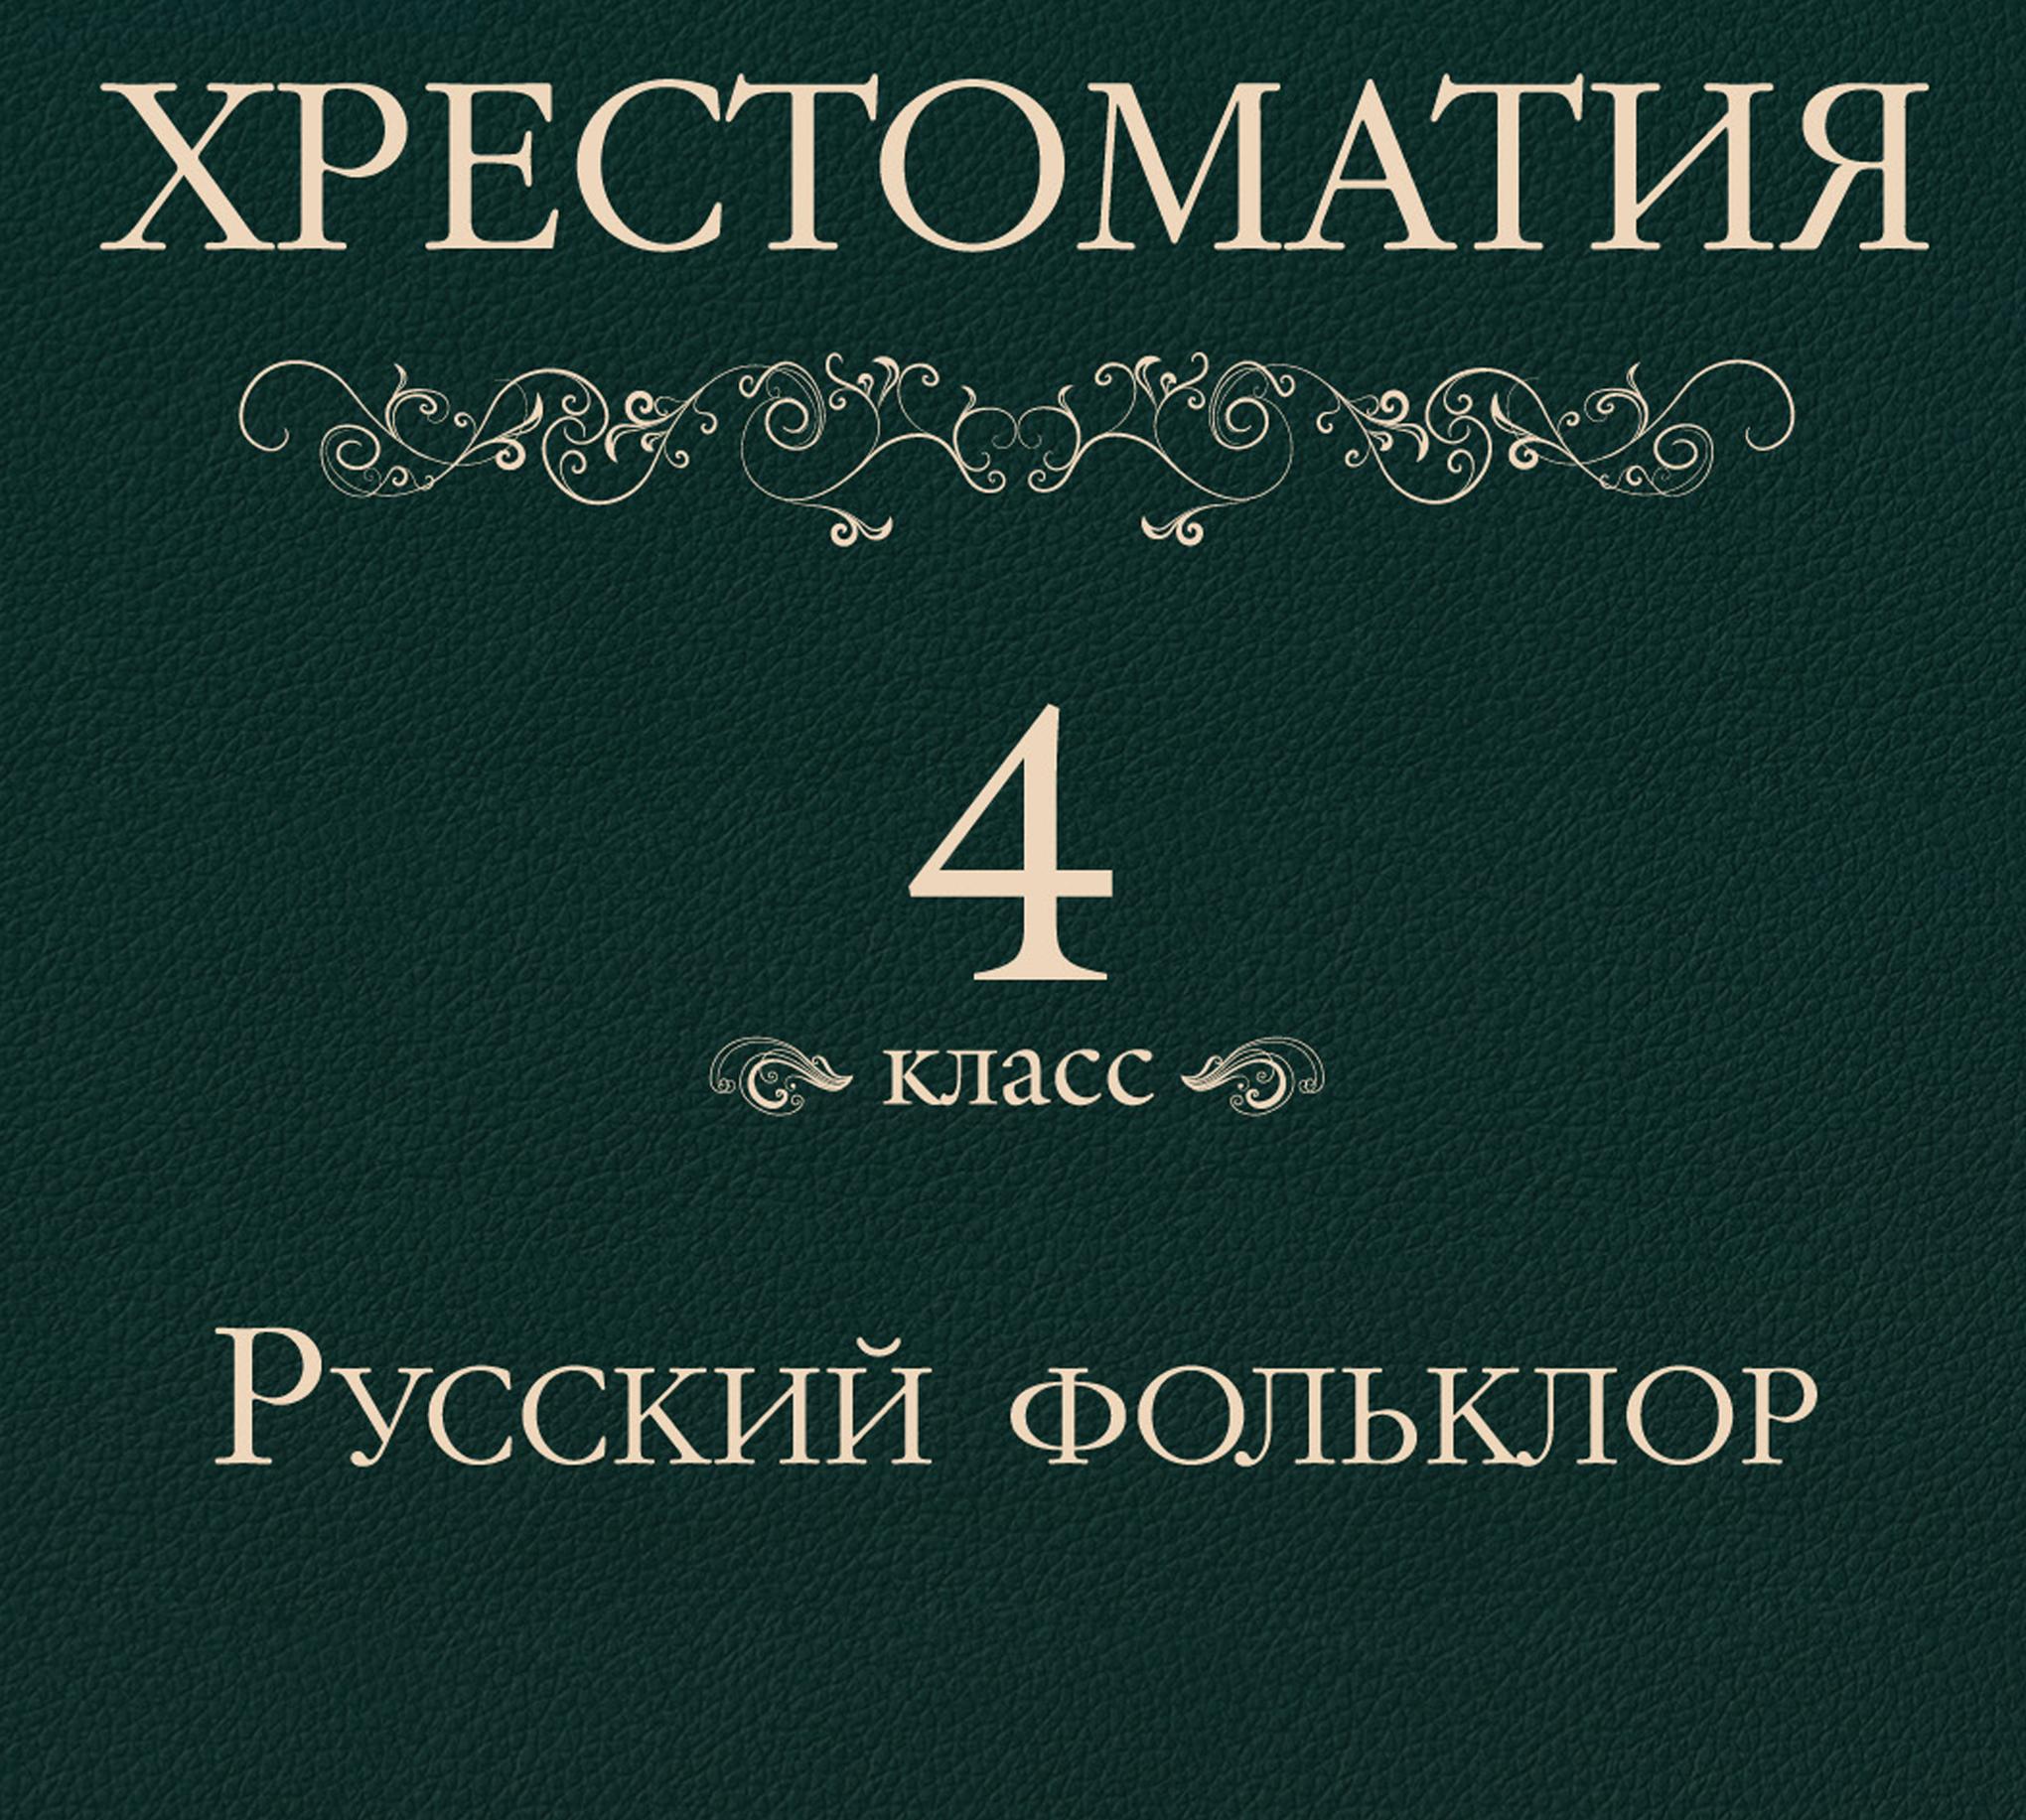 Хрестоматия 4 класс. Русский фольклор